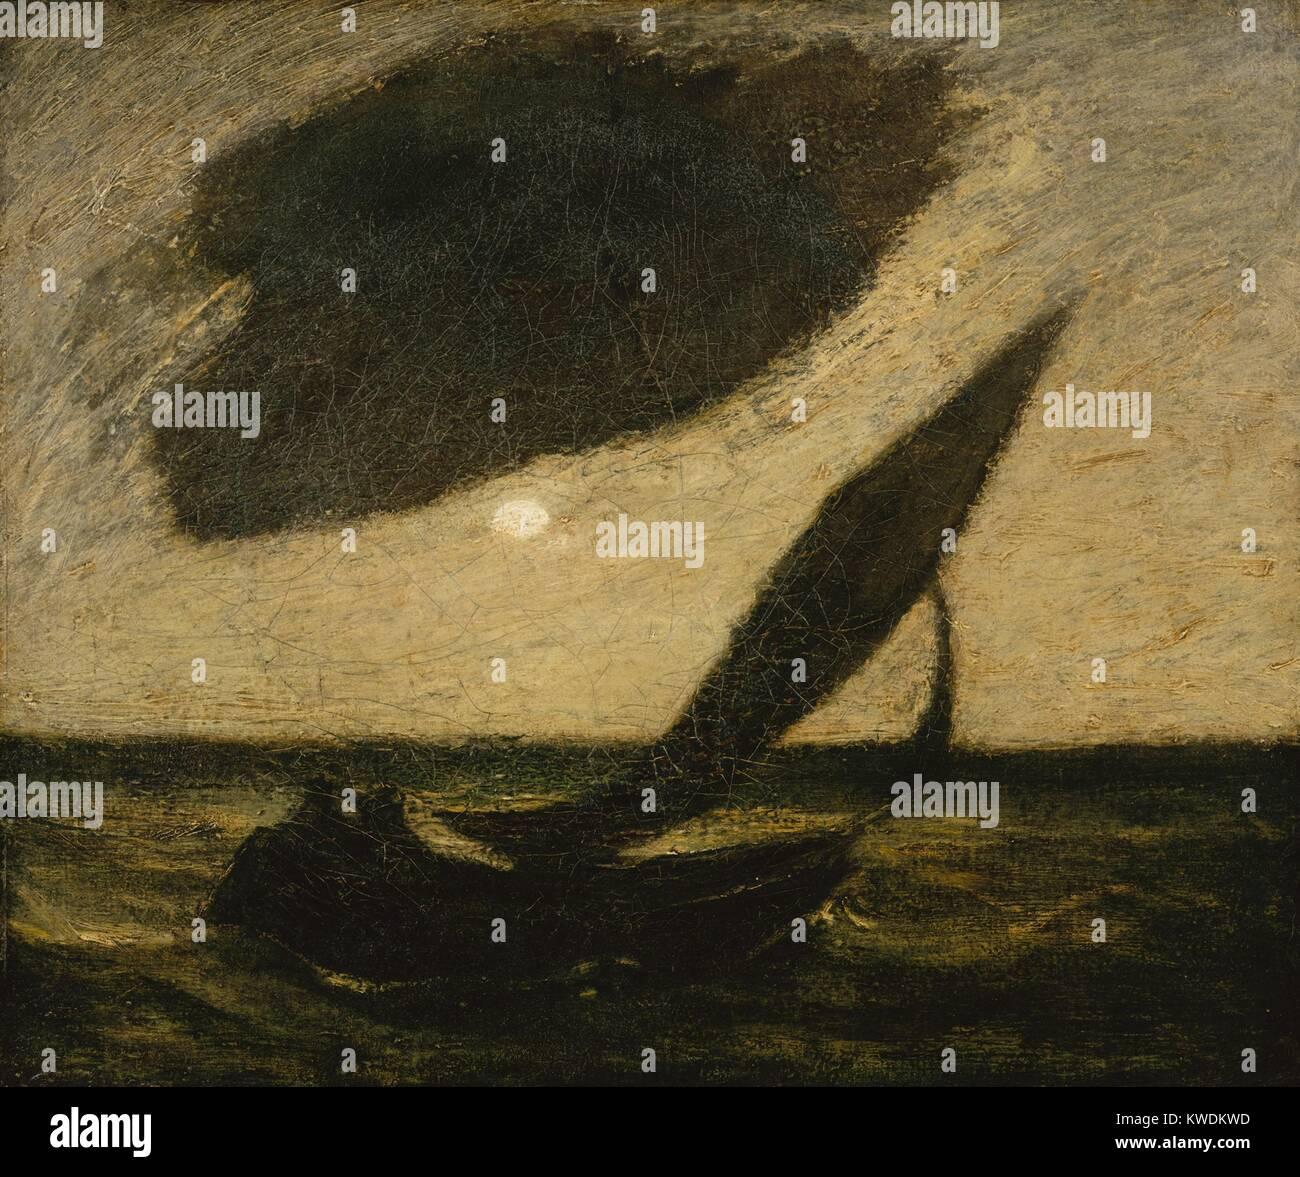 Bajo una nube, por Albert Pinkham Ryder, 1900, pintura americana, óleo sobre lienzo. Este evocador paisaje nocturno Foto de stock